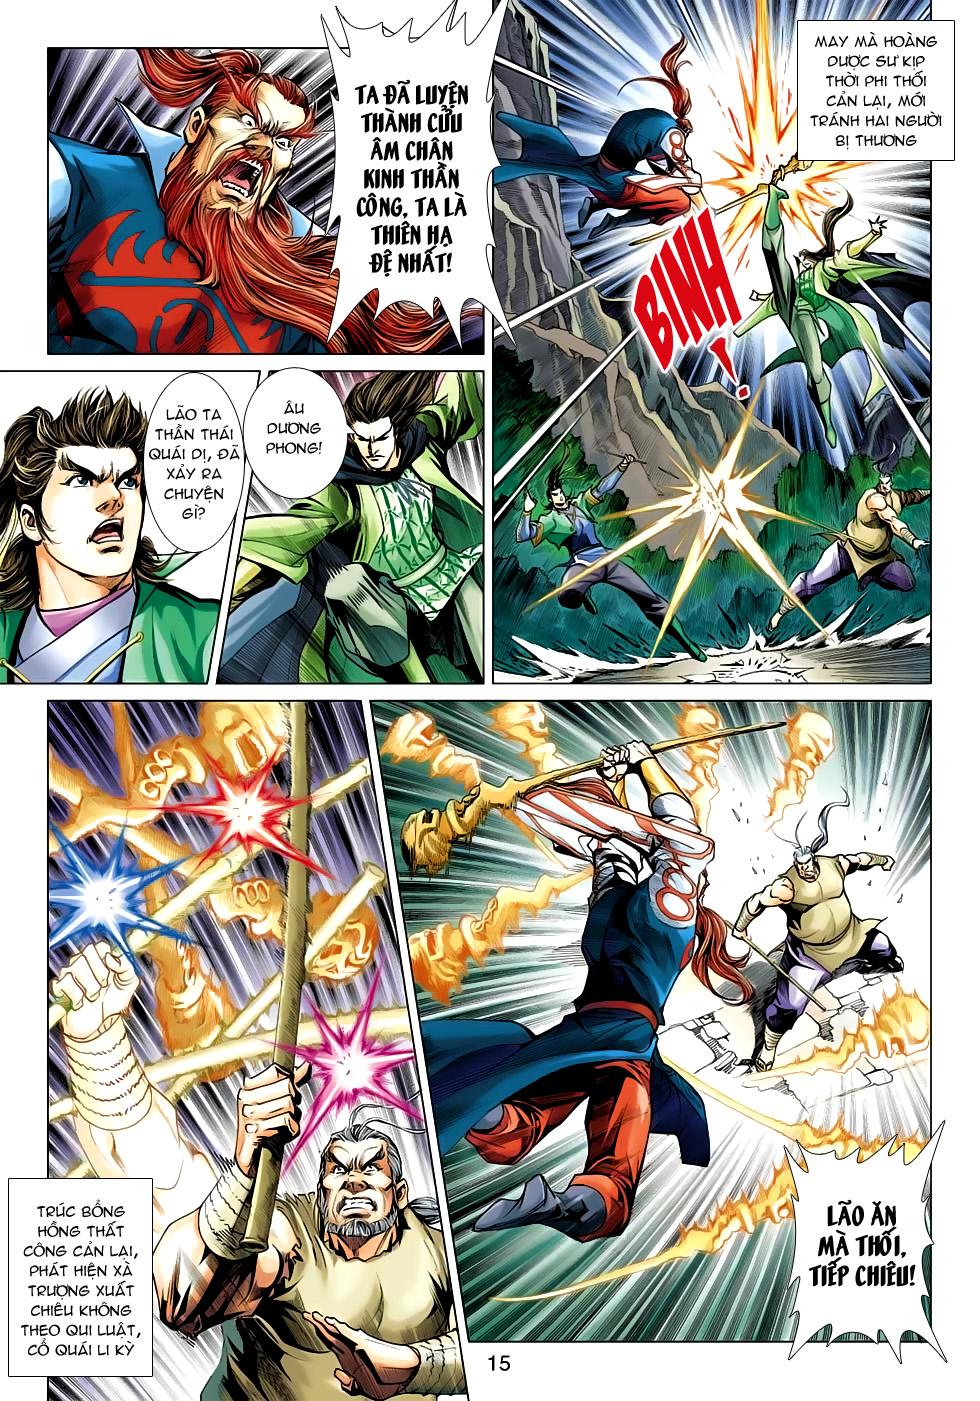 Xạ Điêu Anh Hùng Truyện chap 100 – End Trang 15 - Mangak.info